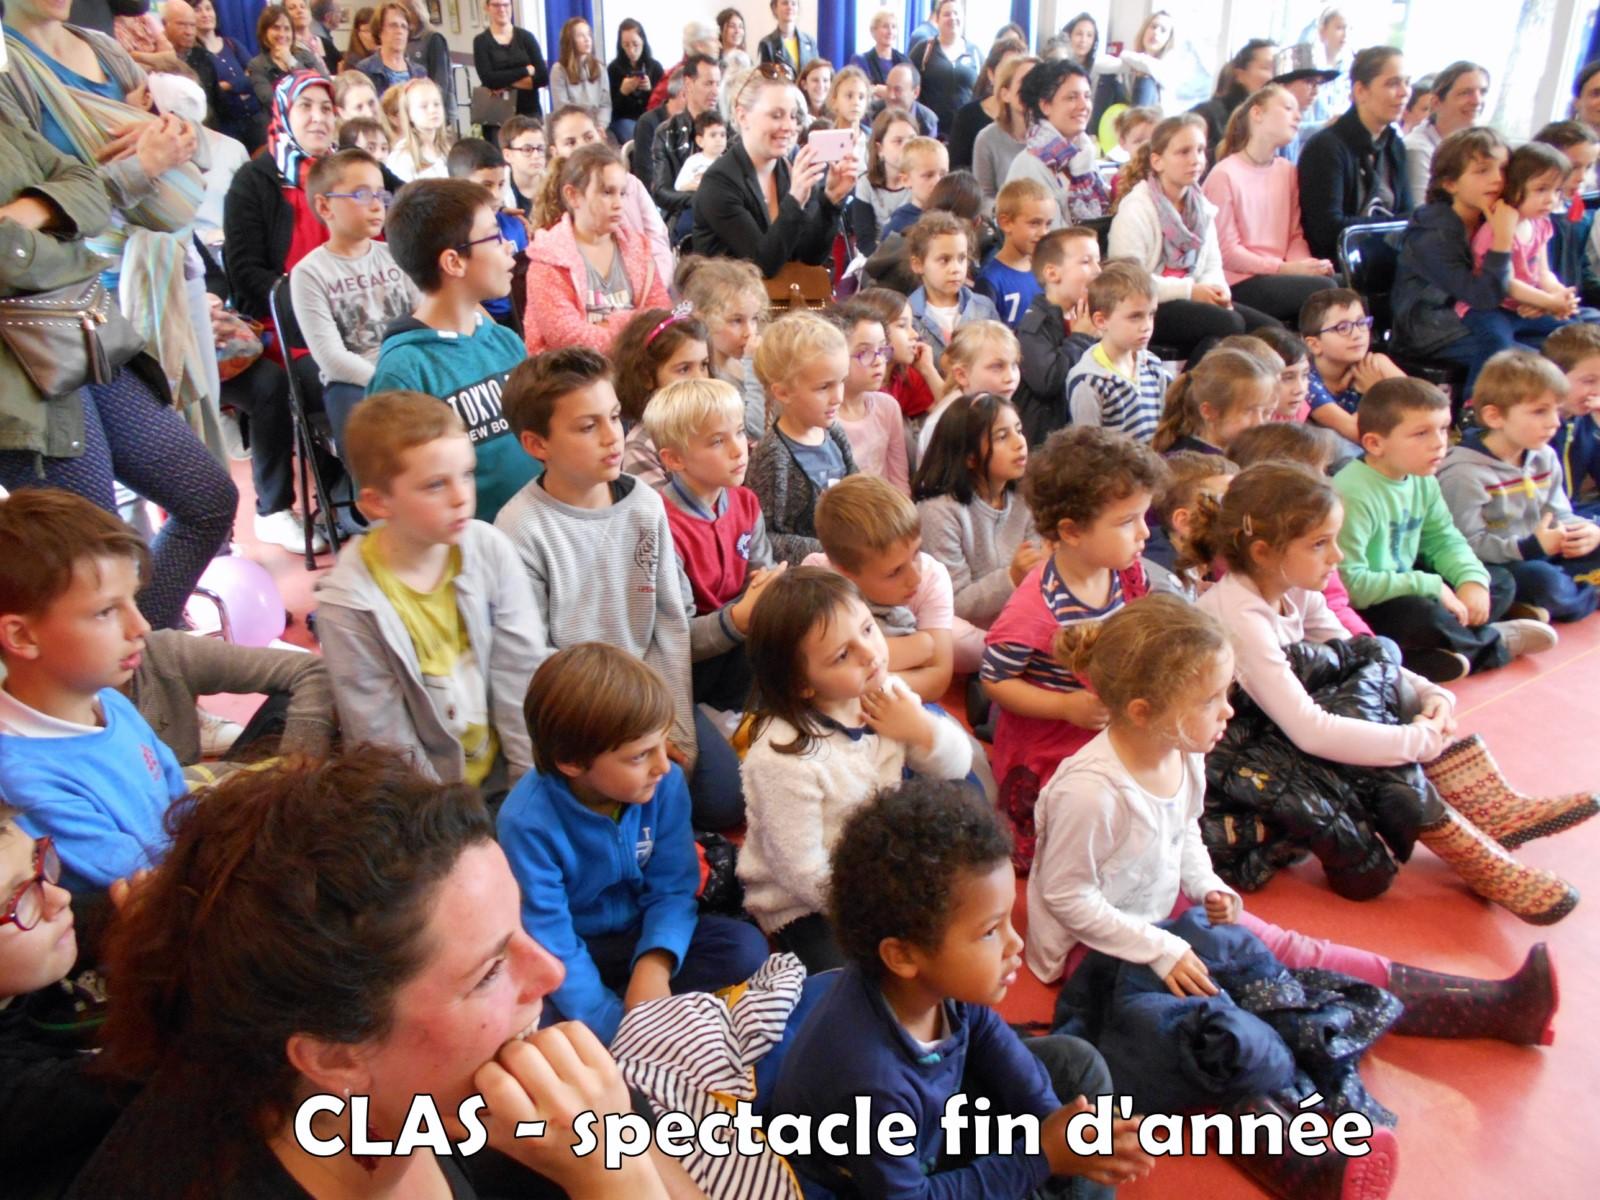 76Spectacle fin d'année des CLAS